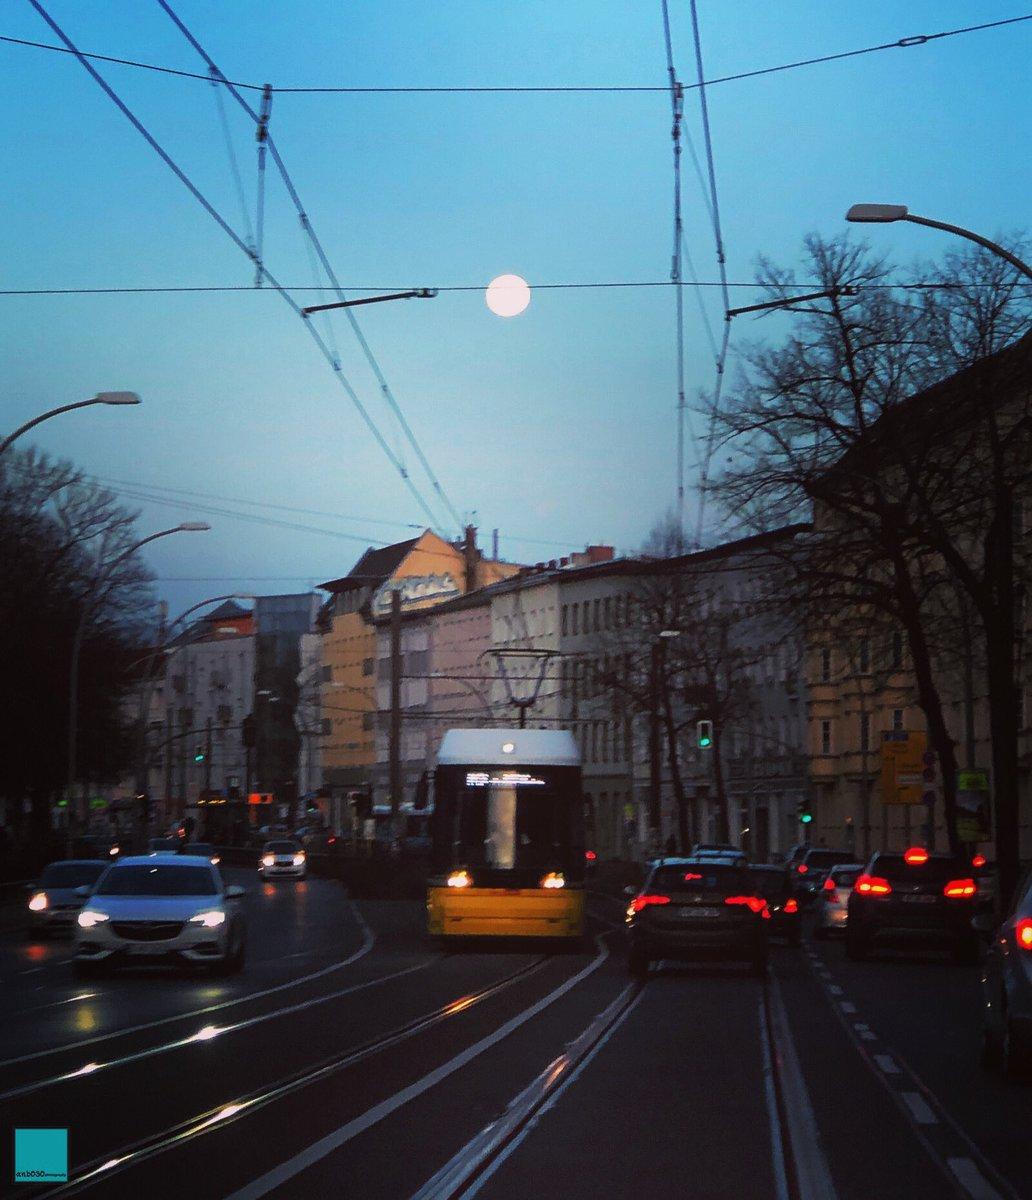 Was für ein #Vollmond gestern Abend in #Berlin.  #weilwirdichlieben @BVG_Tram #strassenbahn #Travel #berlinpage #diestadtberlin #wonderlustberlin #topberlinphoto #visitberlin #urbanandstreet #urbanromantix #shotoniphone #CityLife #StreetPhotography #travelphotography #CityScapepic.twitter.com/g5UmOTXHOP